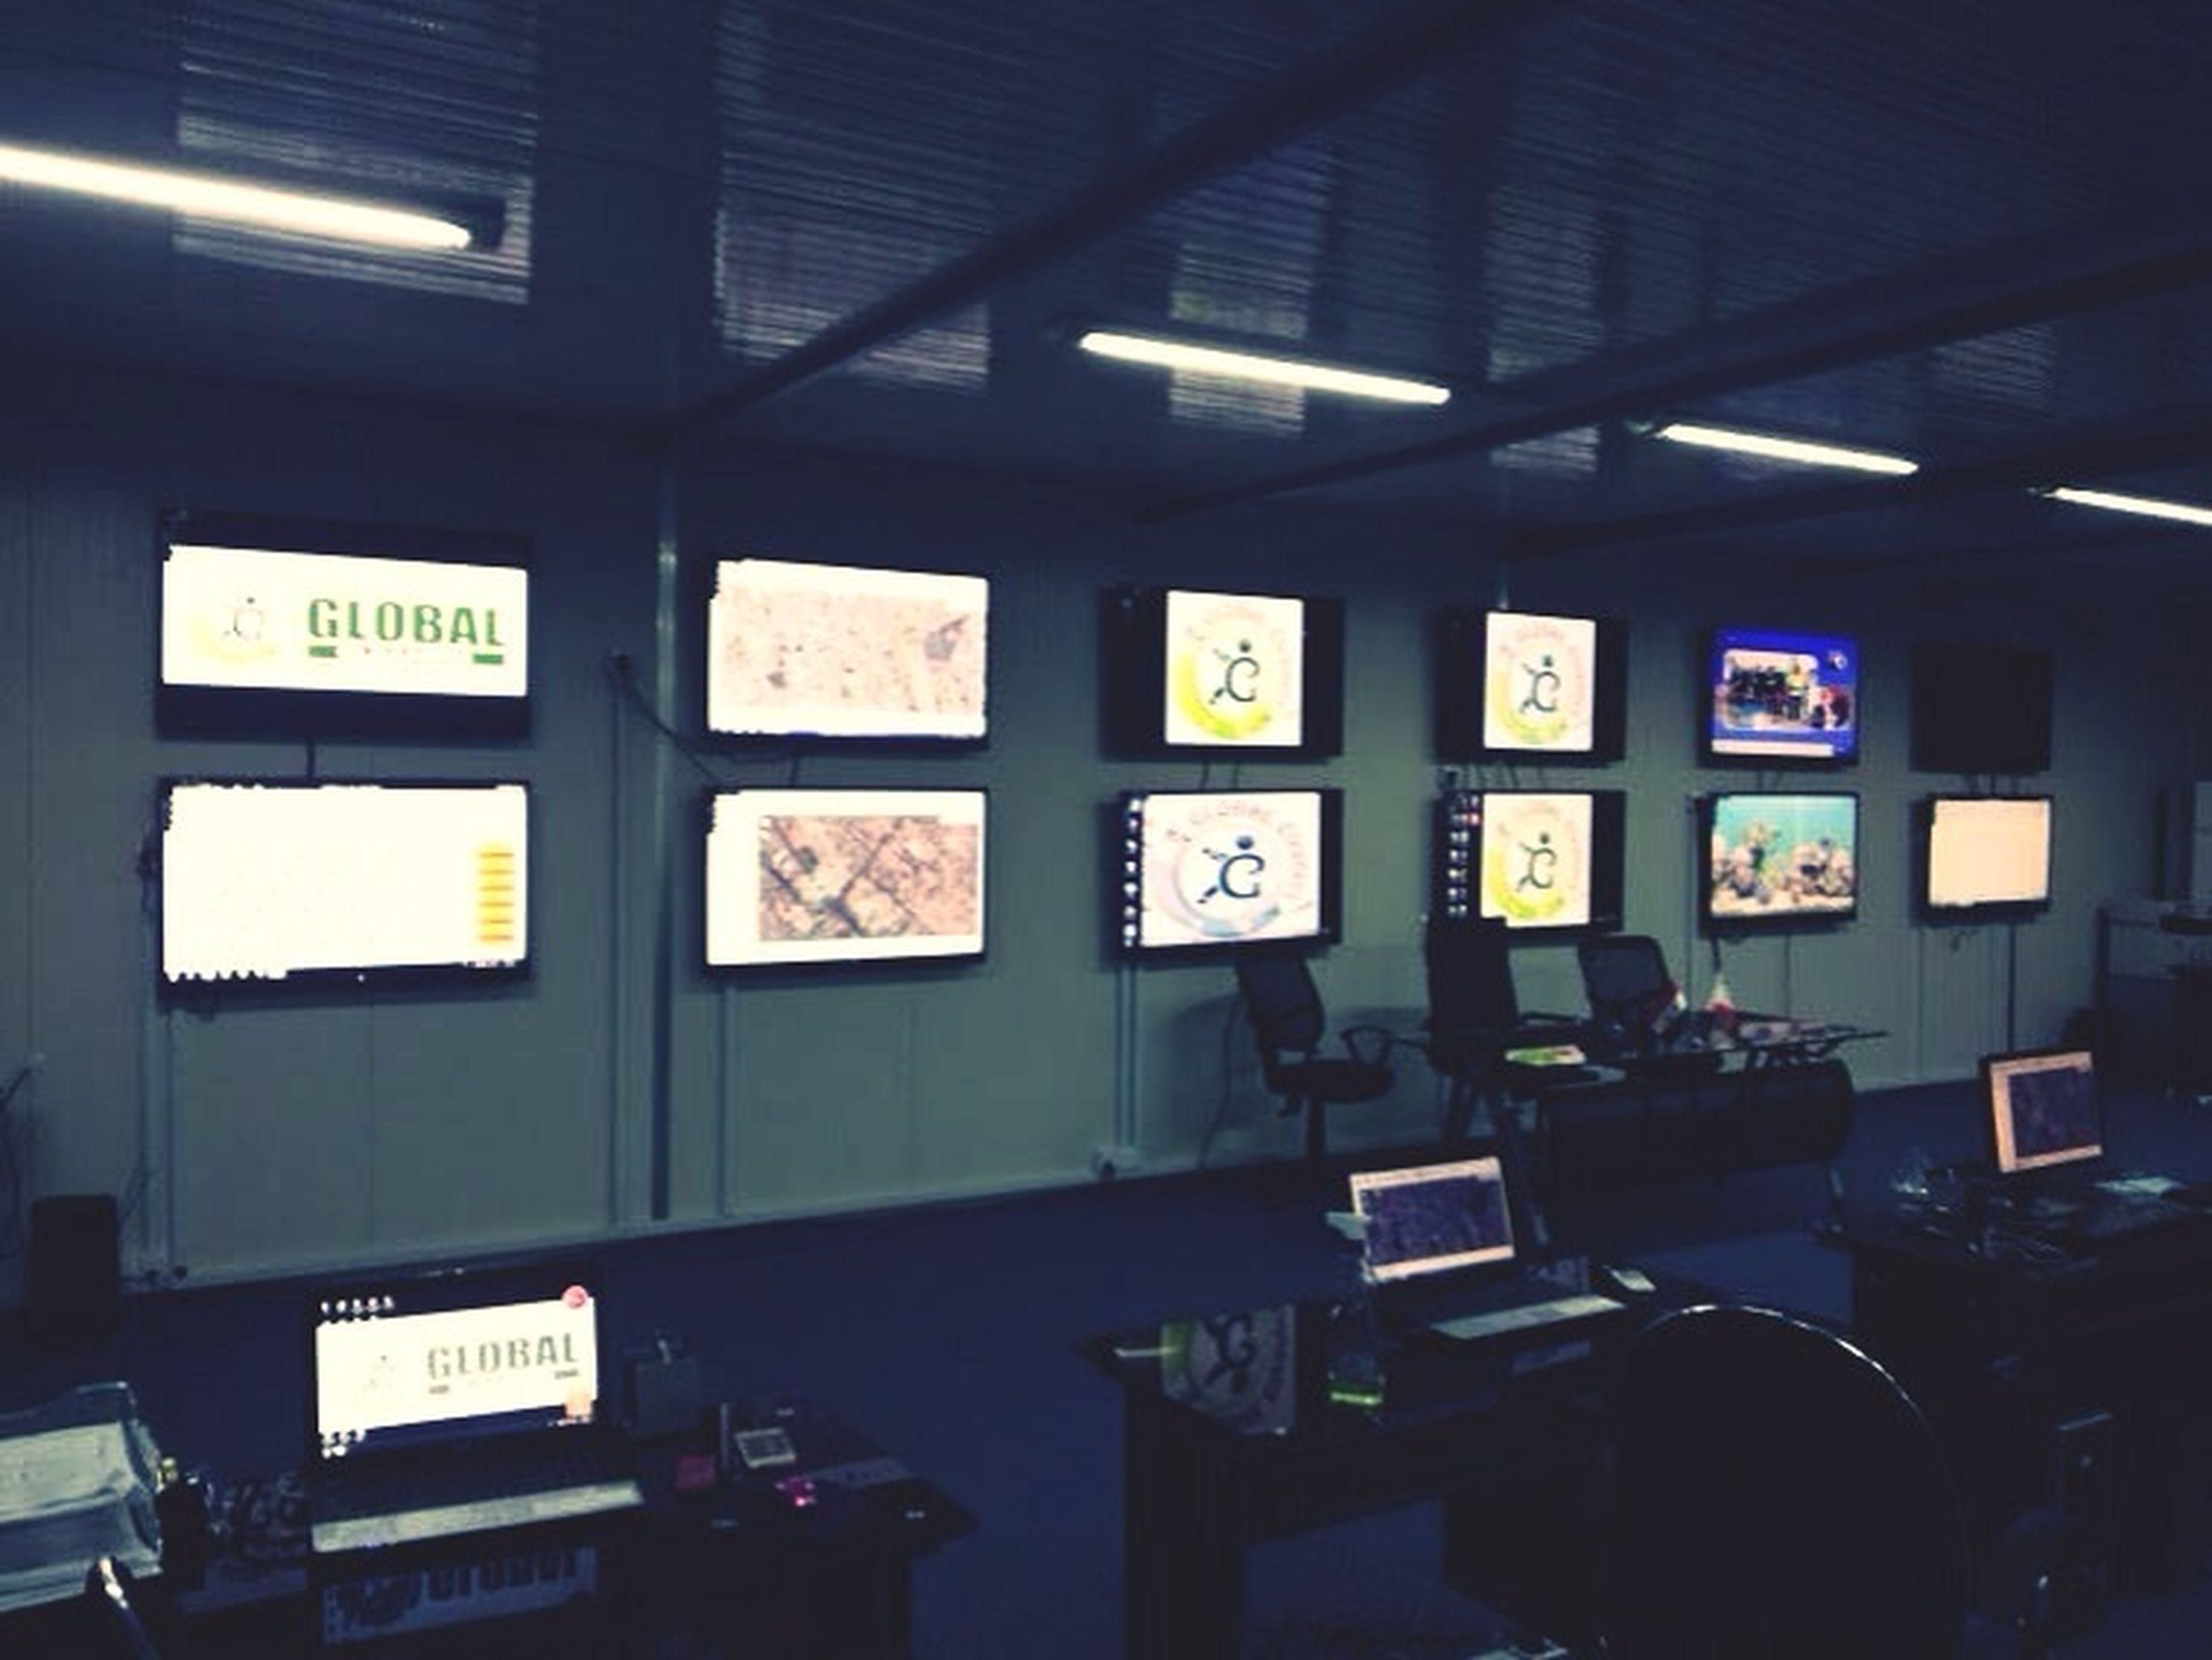 غرفة عمليات الشركة